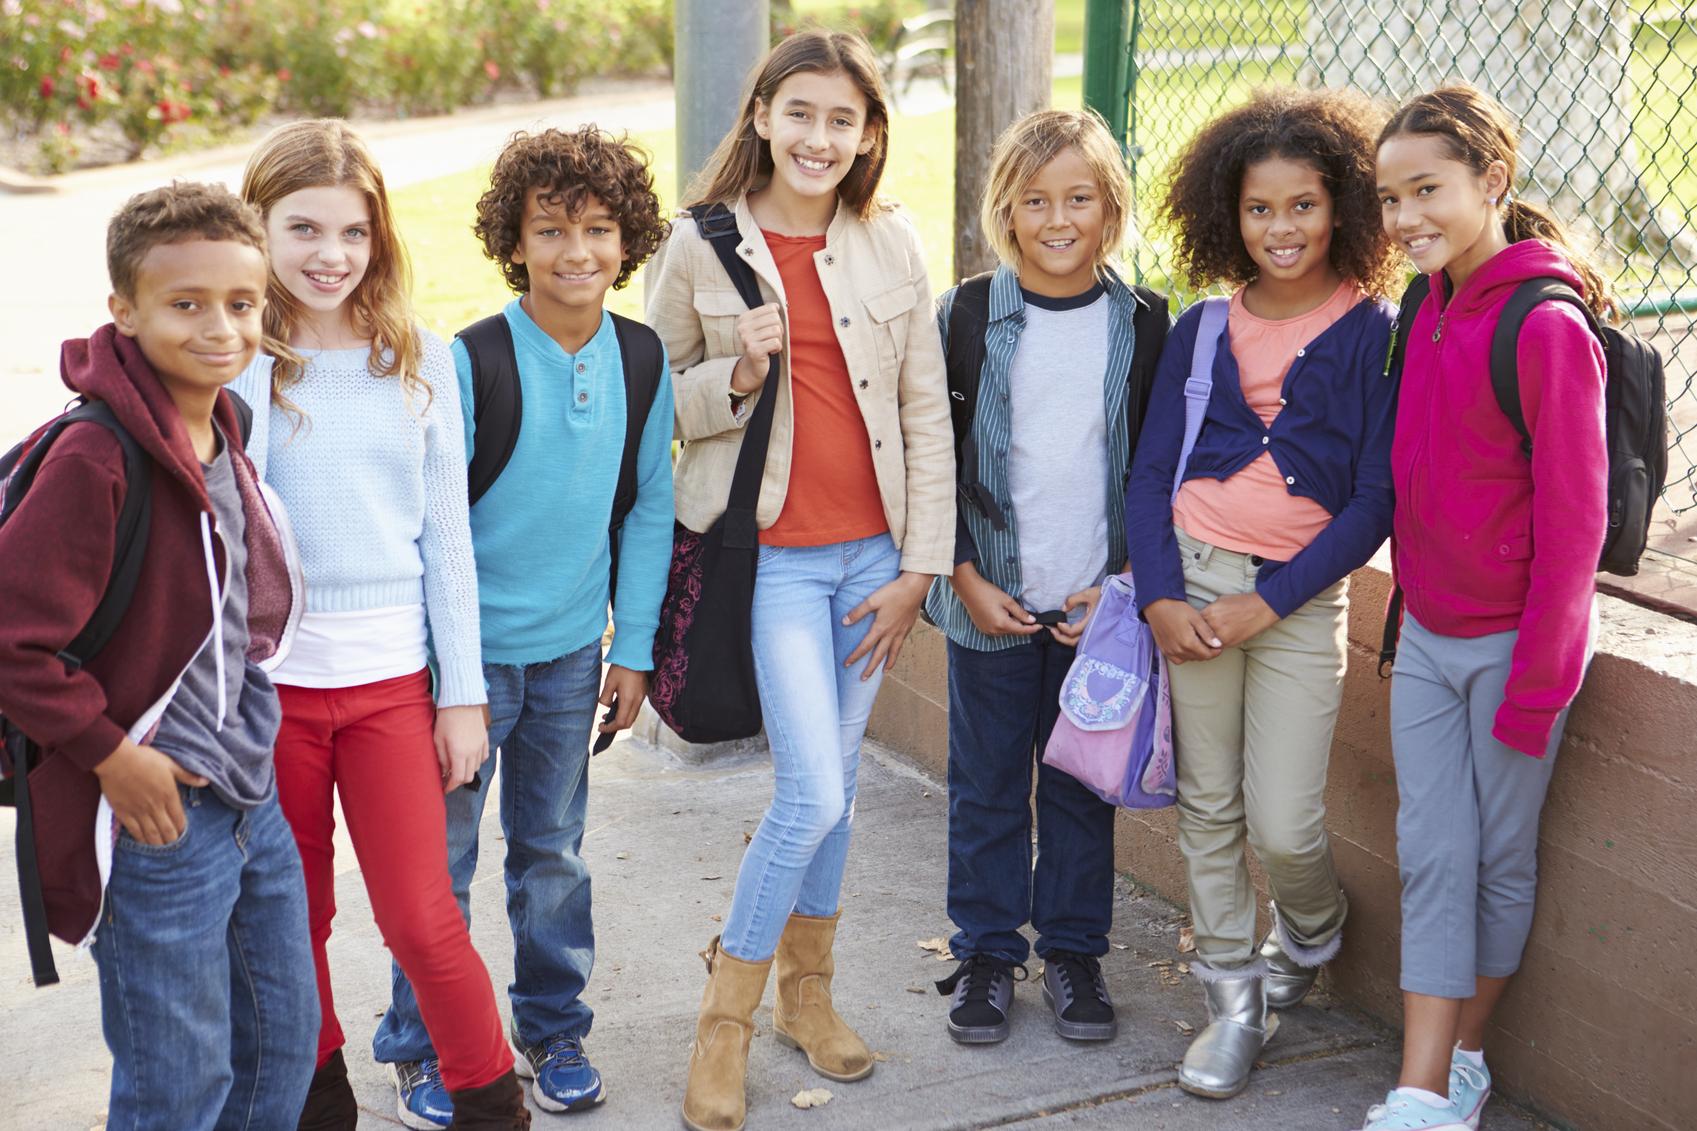 Cambios En Los Ninos De 8 A 10 Anos